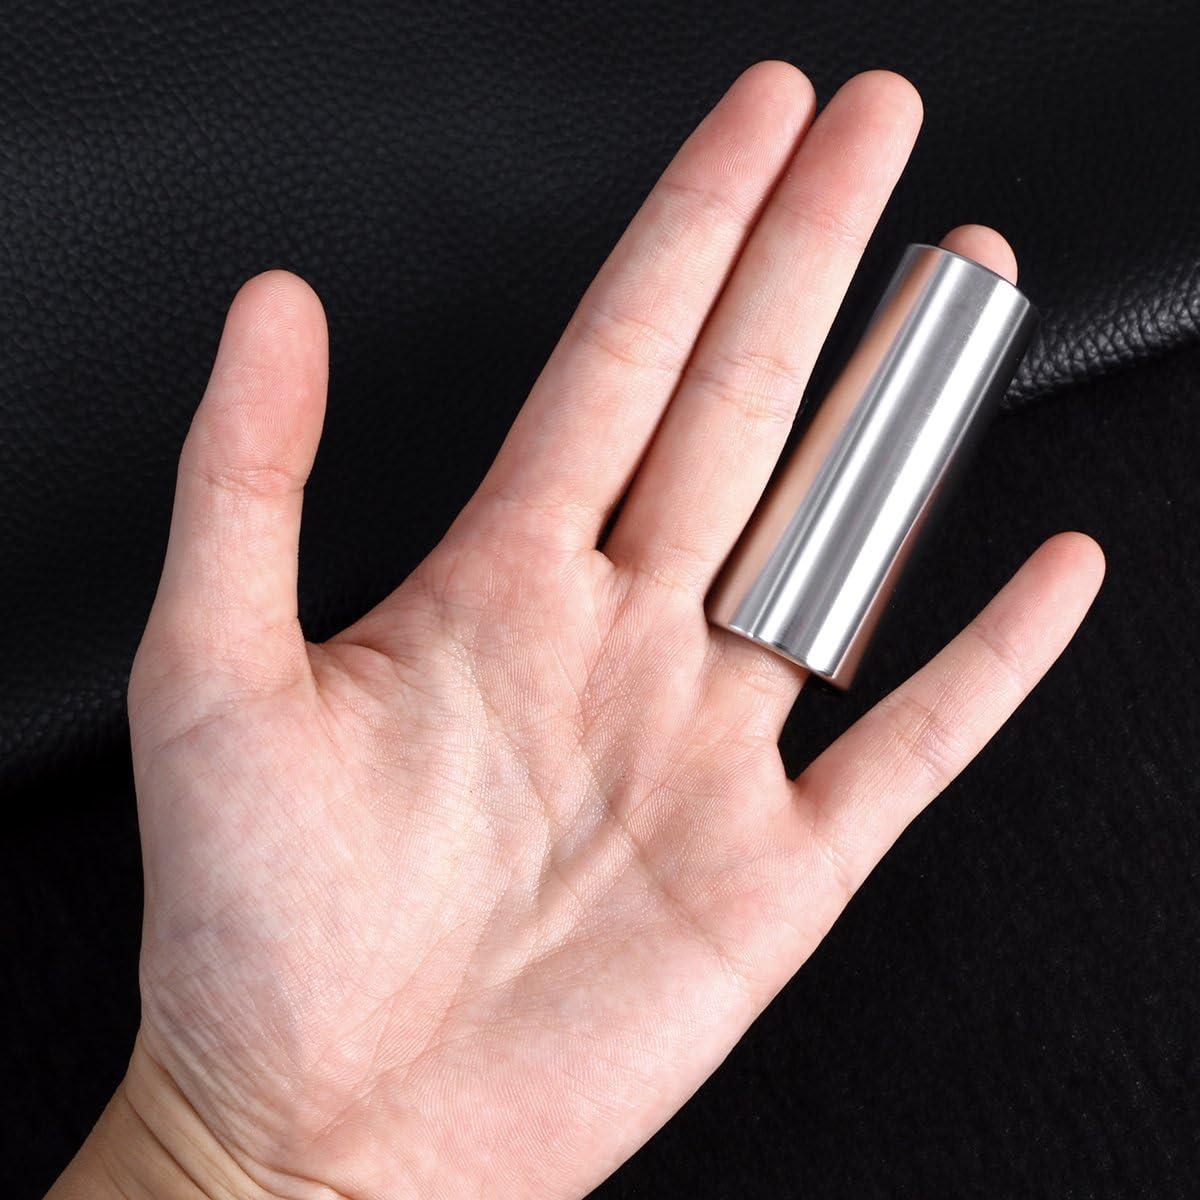 rosenice Slide guitarra 2/piezas 60/mm barrera de cristal y gu/ías de acero inoxidable Slide Bottleneck media para guitarra baja